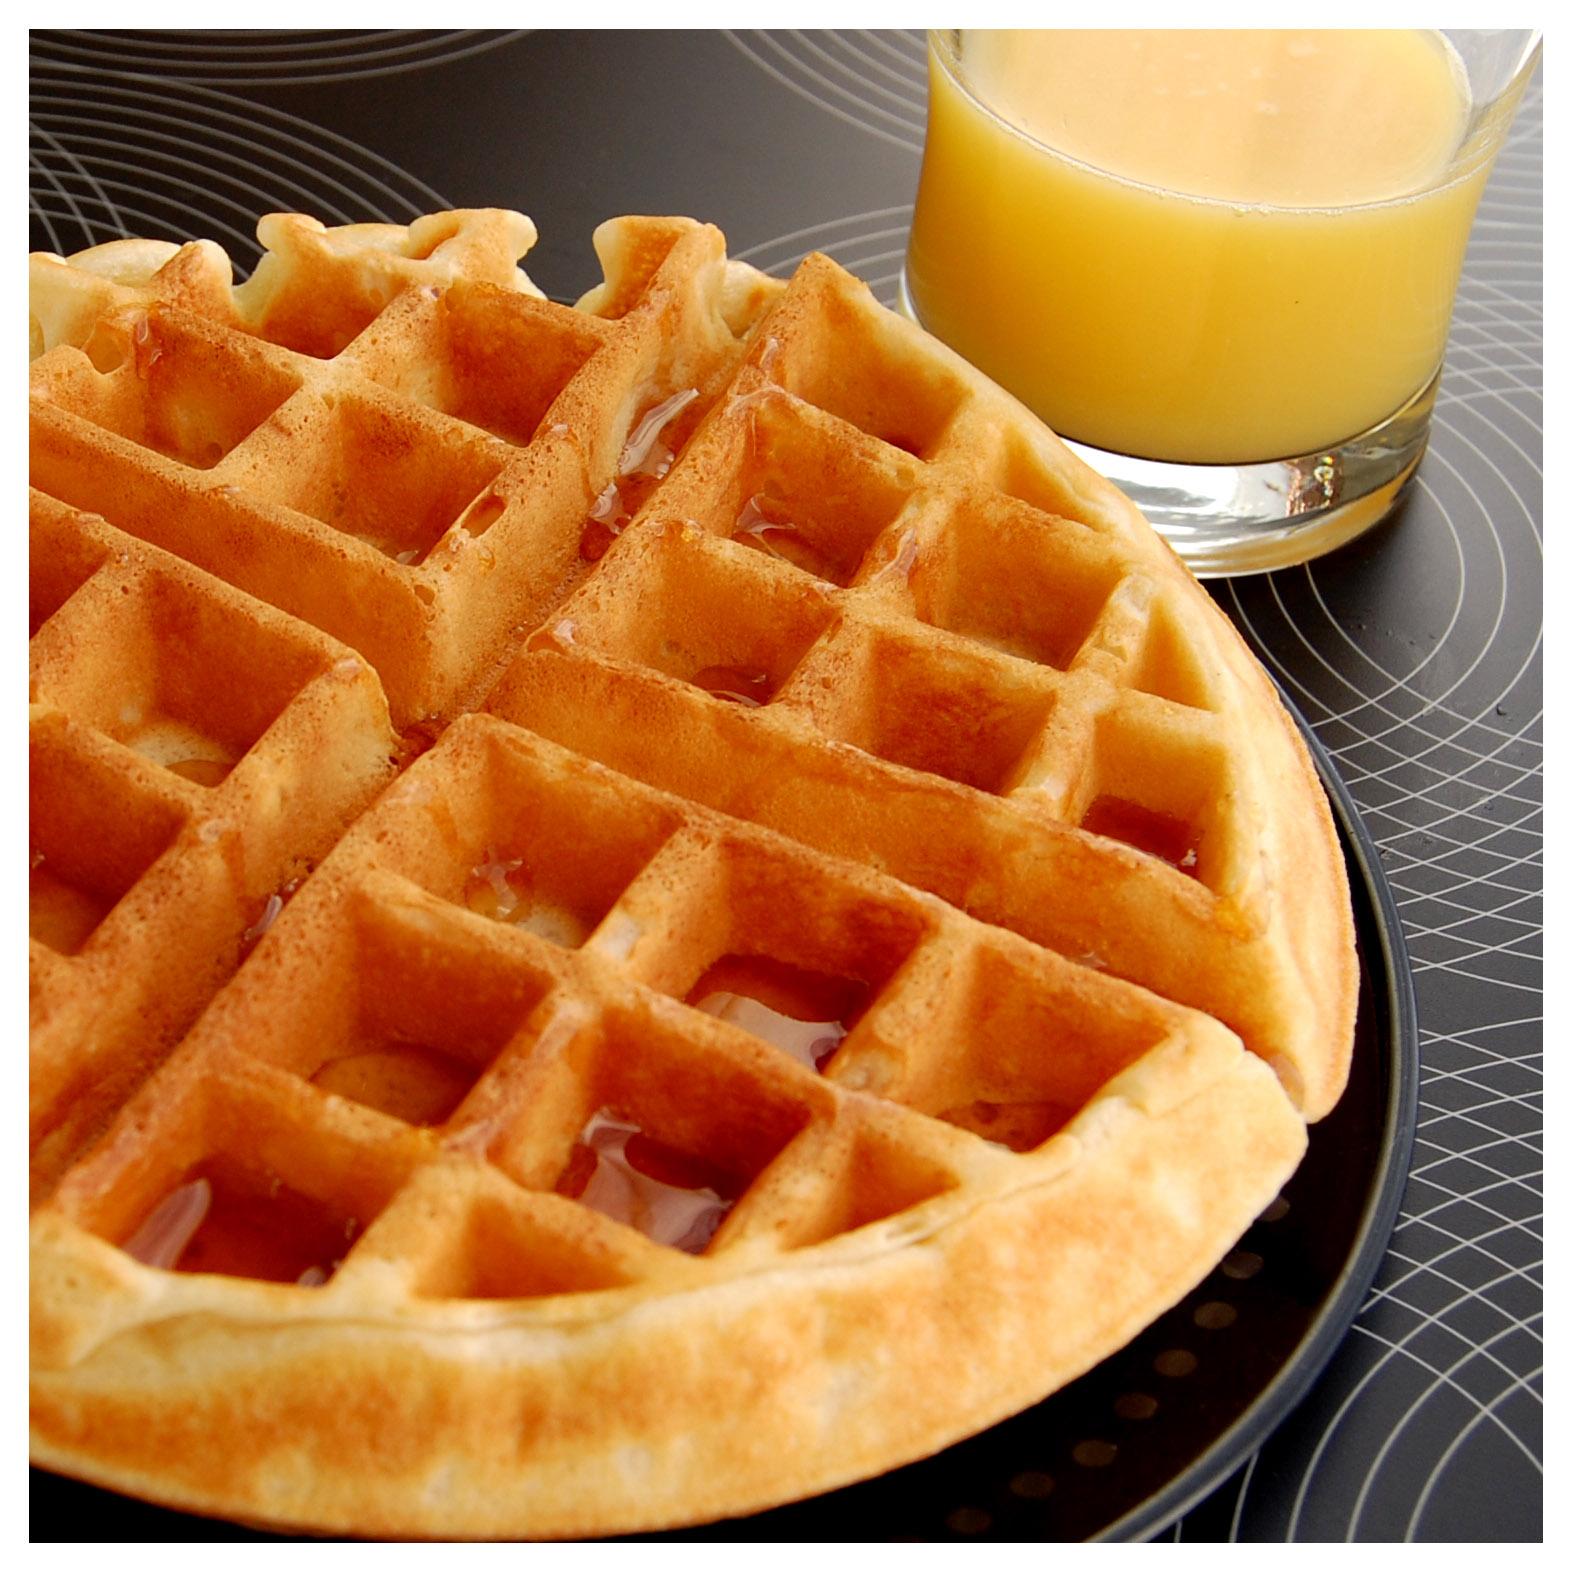 Bourbonnatrix Bakes: holy waffles batman!